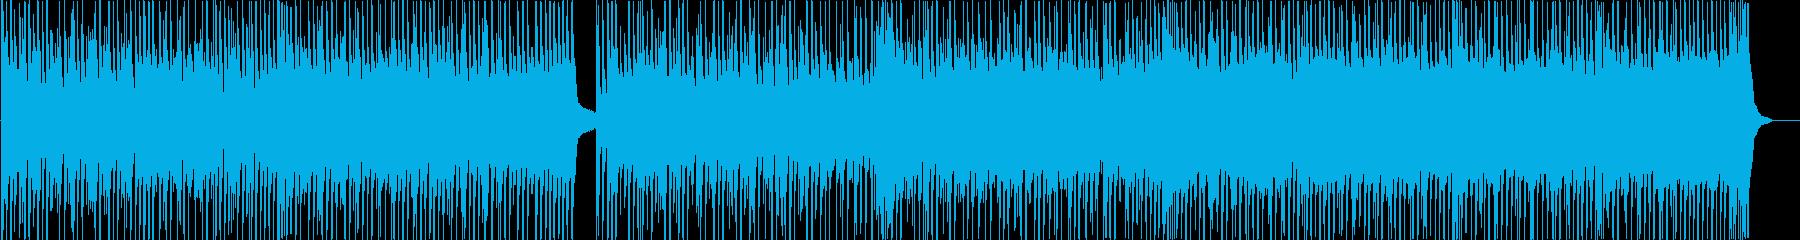 華やかで盛り上がるピアノ&ドラムの再生済みの波形